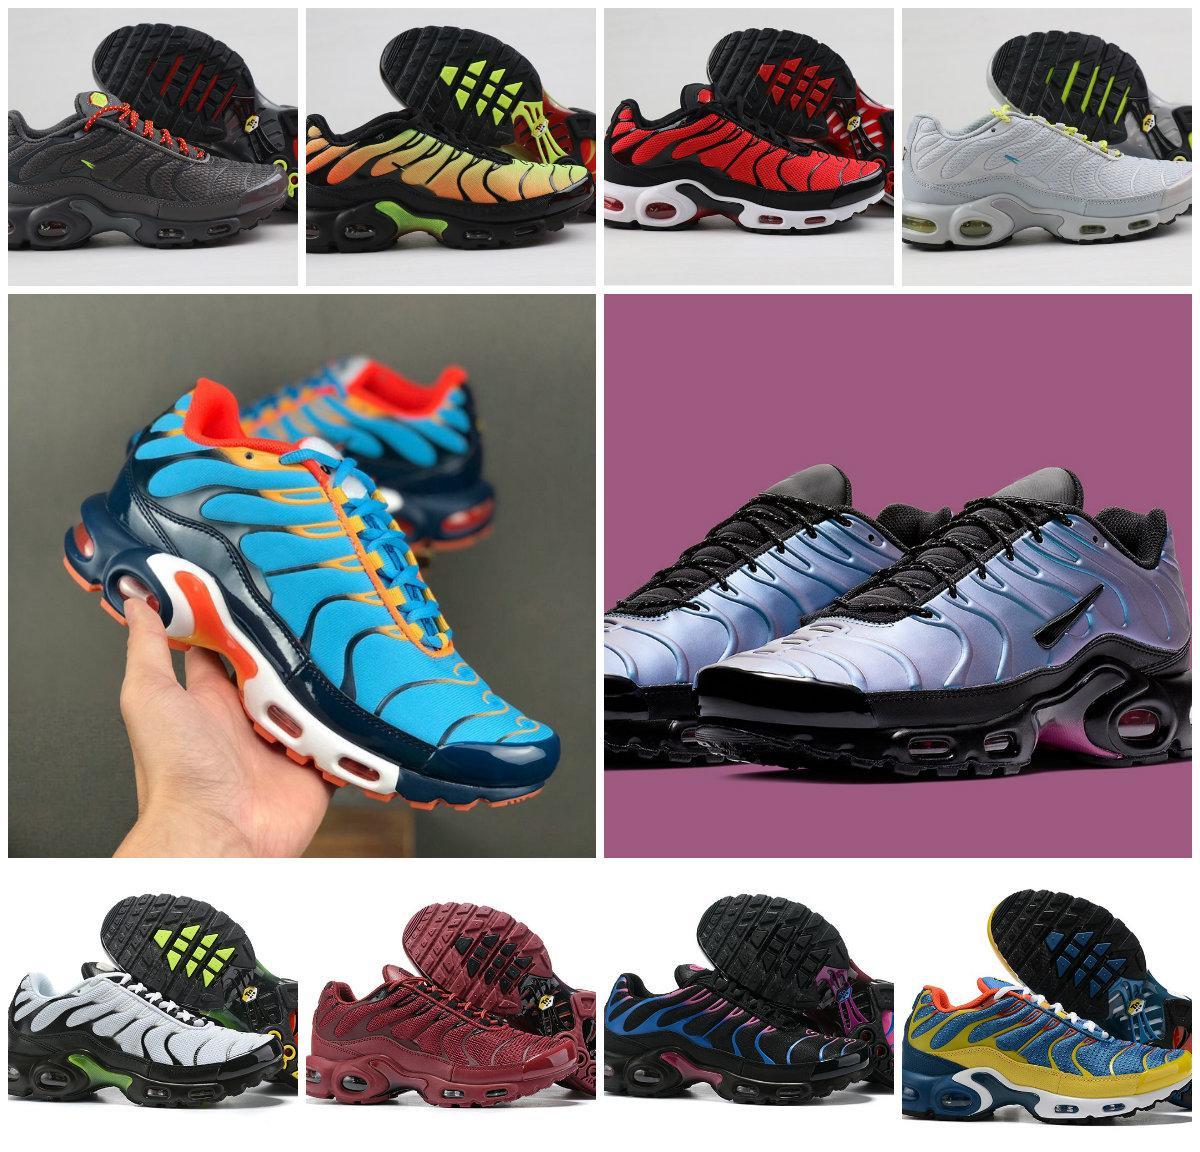 Clásico al por mayor Aire Tn zapatos zapatos casuales barato OG Tn Requin Chaussures Trainer las zapatillas de deporte para hombre de la moda Zapatillaes malla transpirable Tn Plus